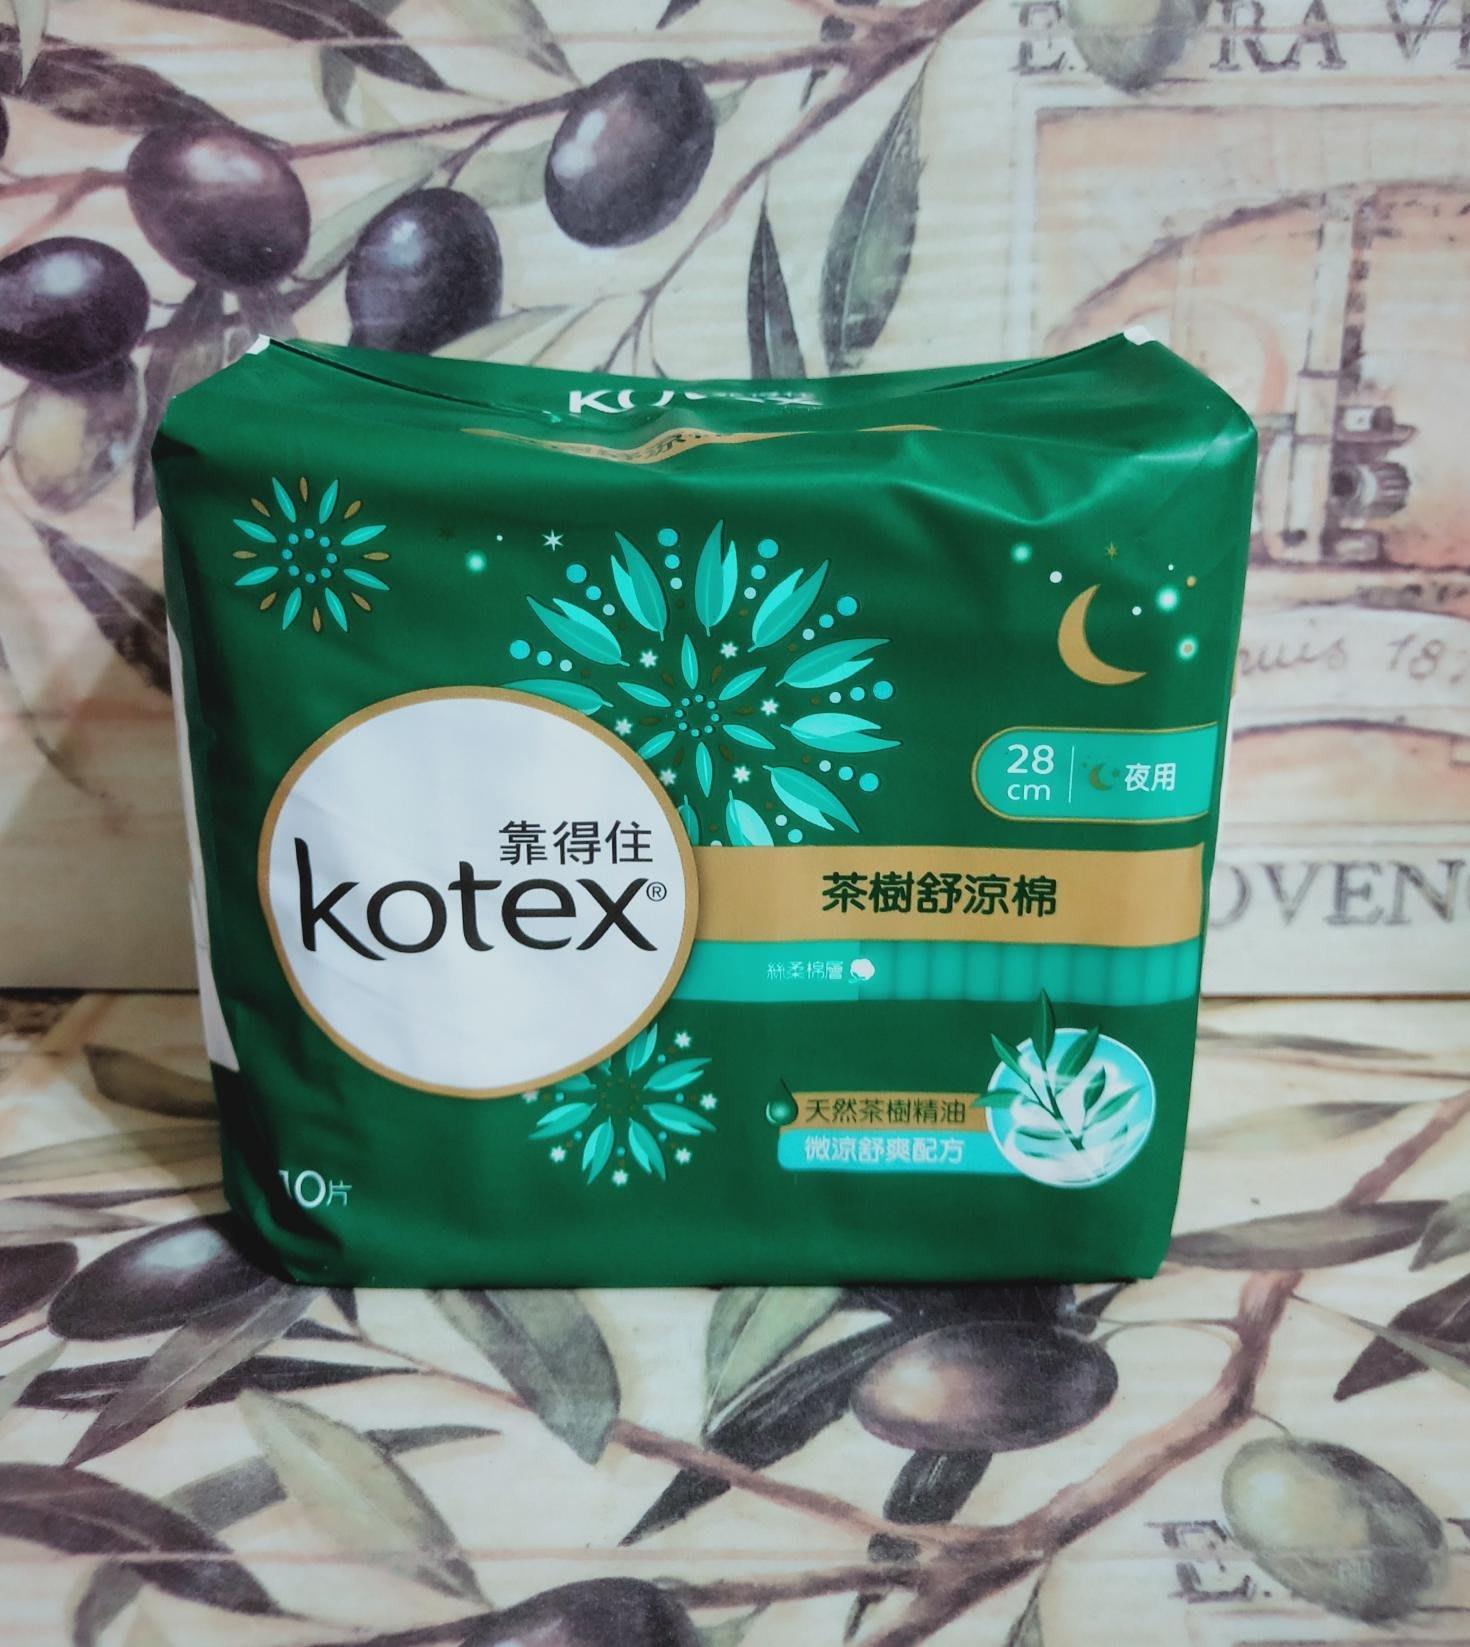 Kotex 靠得住 茶樹舒涼棉系列 28cm夜用10片每包99元 一般流量/絲柔棉層/微涼舒爽配方 靠得住衛生棉 涼感